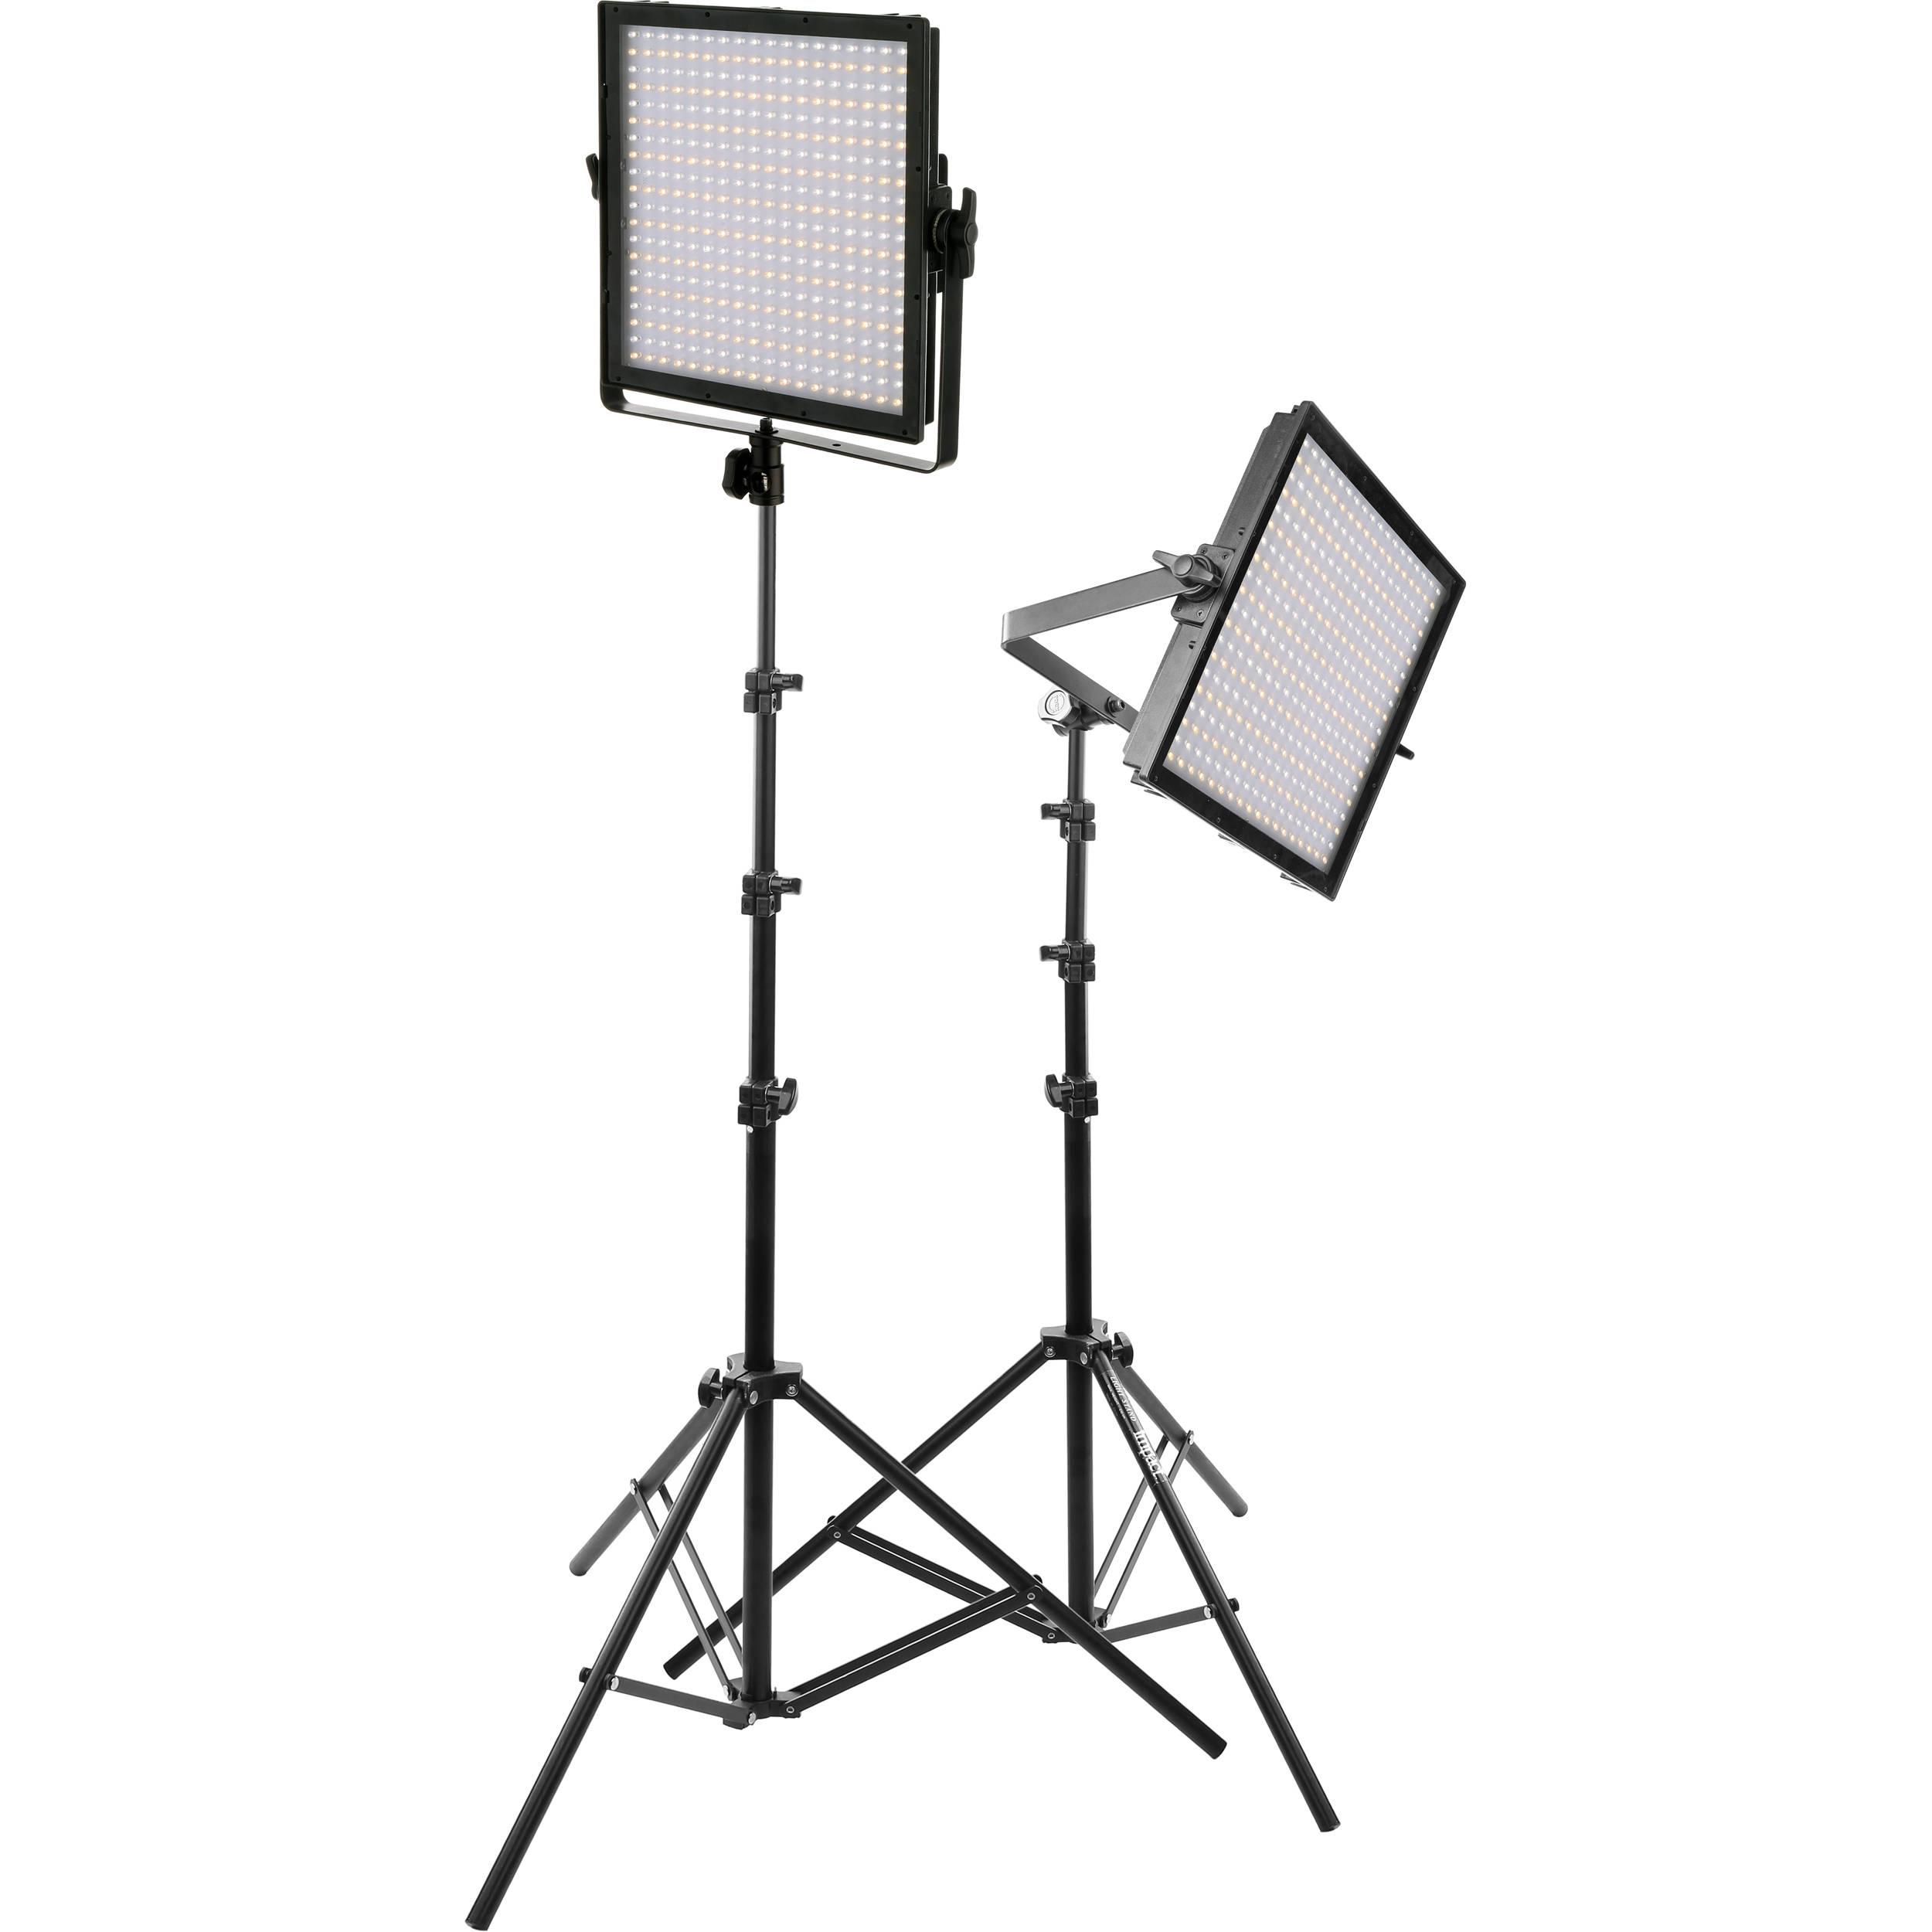 Genaray Spectroled Essential 360 Bi Color Led Sp E 360b